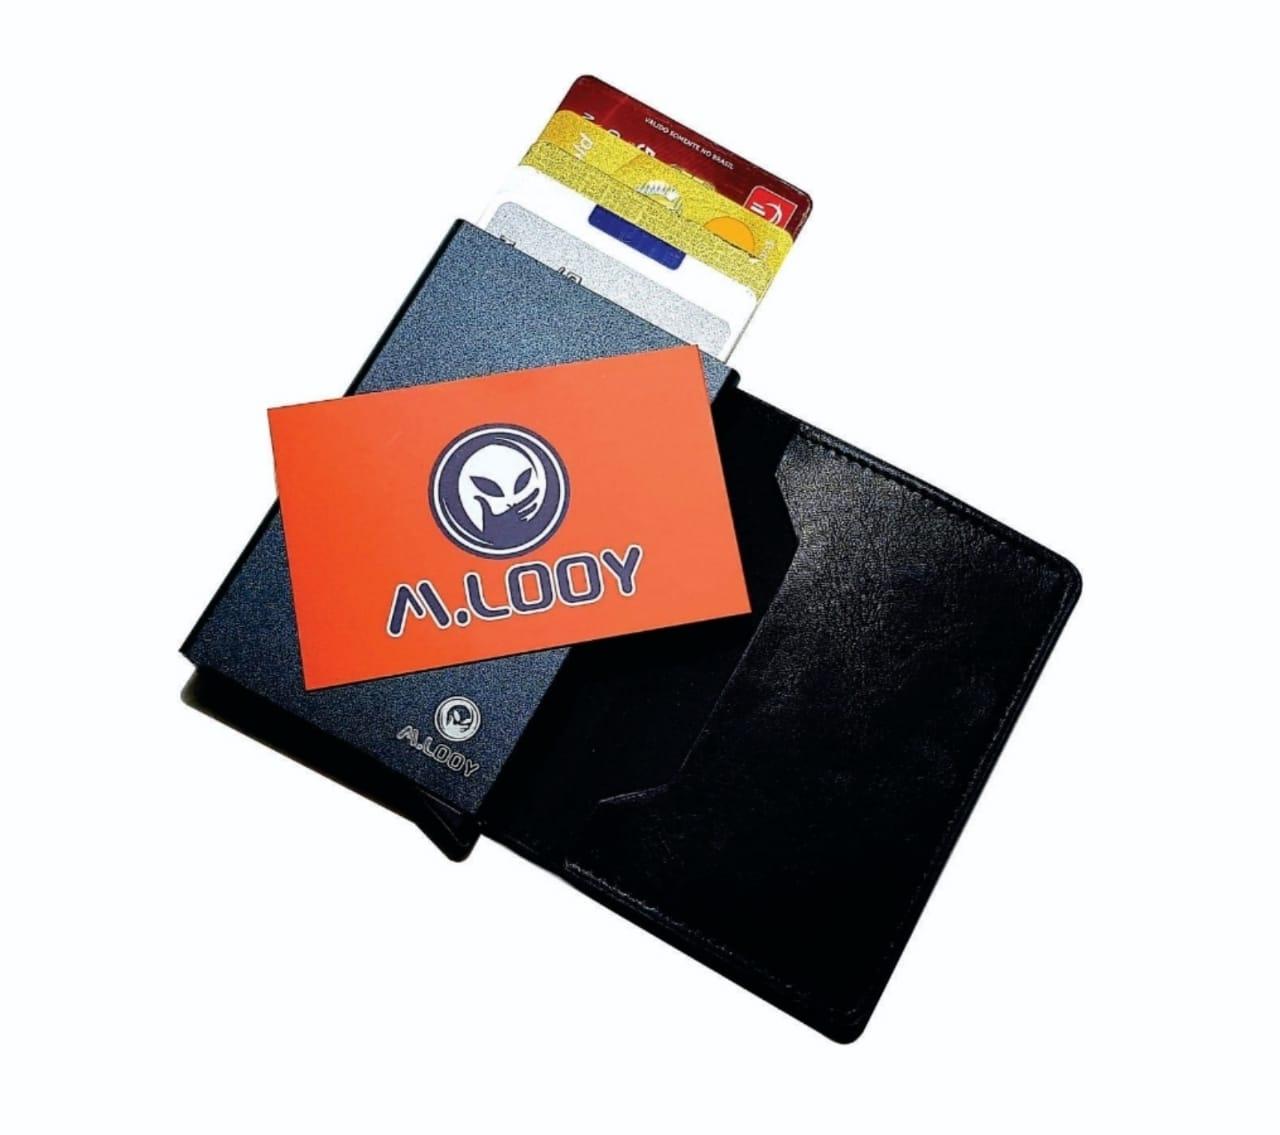 Carteira Porta Cartões Pop Up Couro Antifurto Automática Rfid